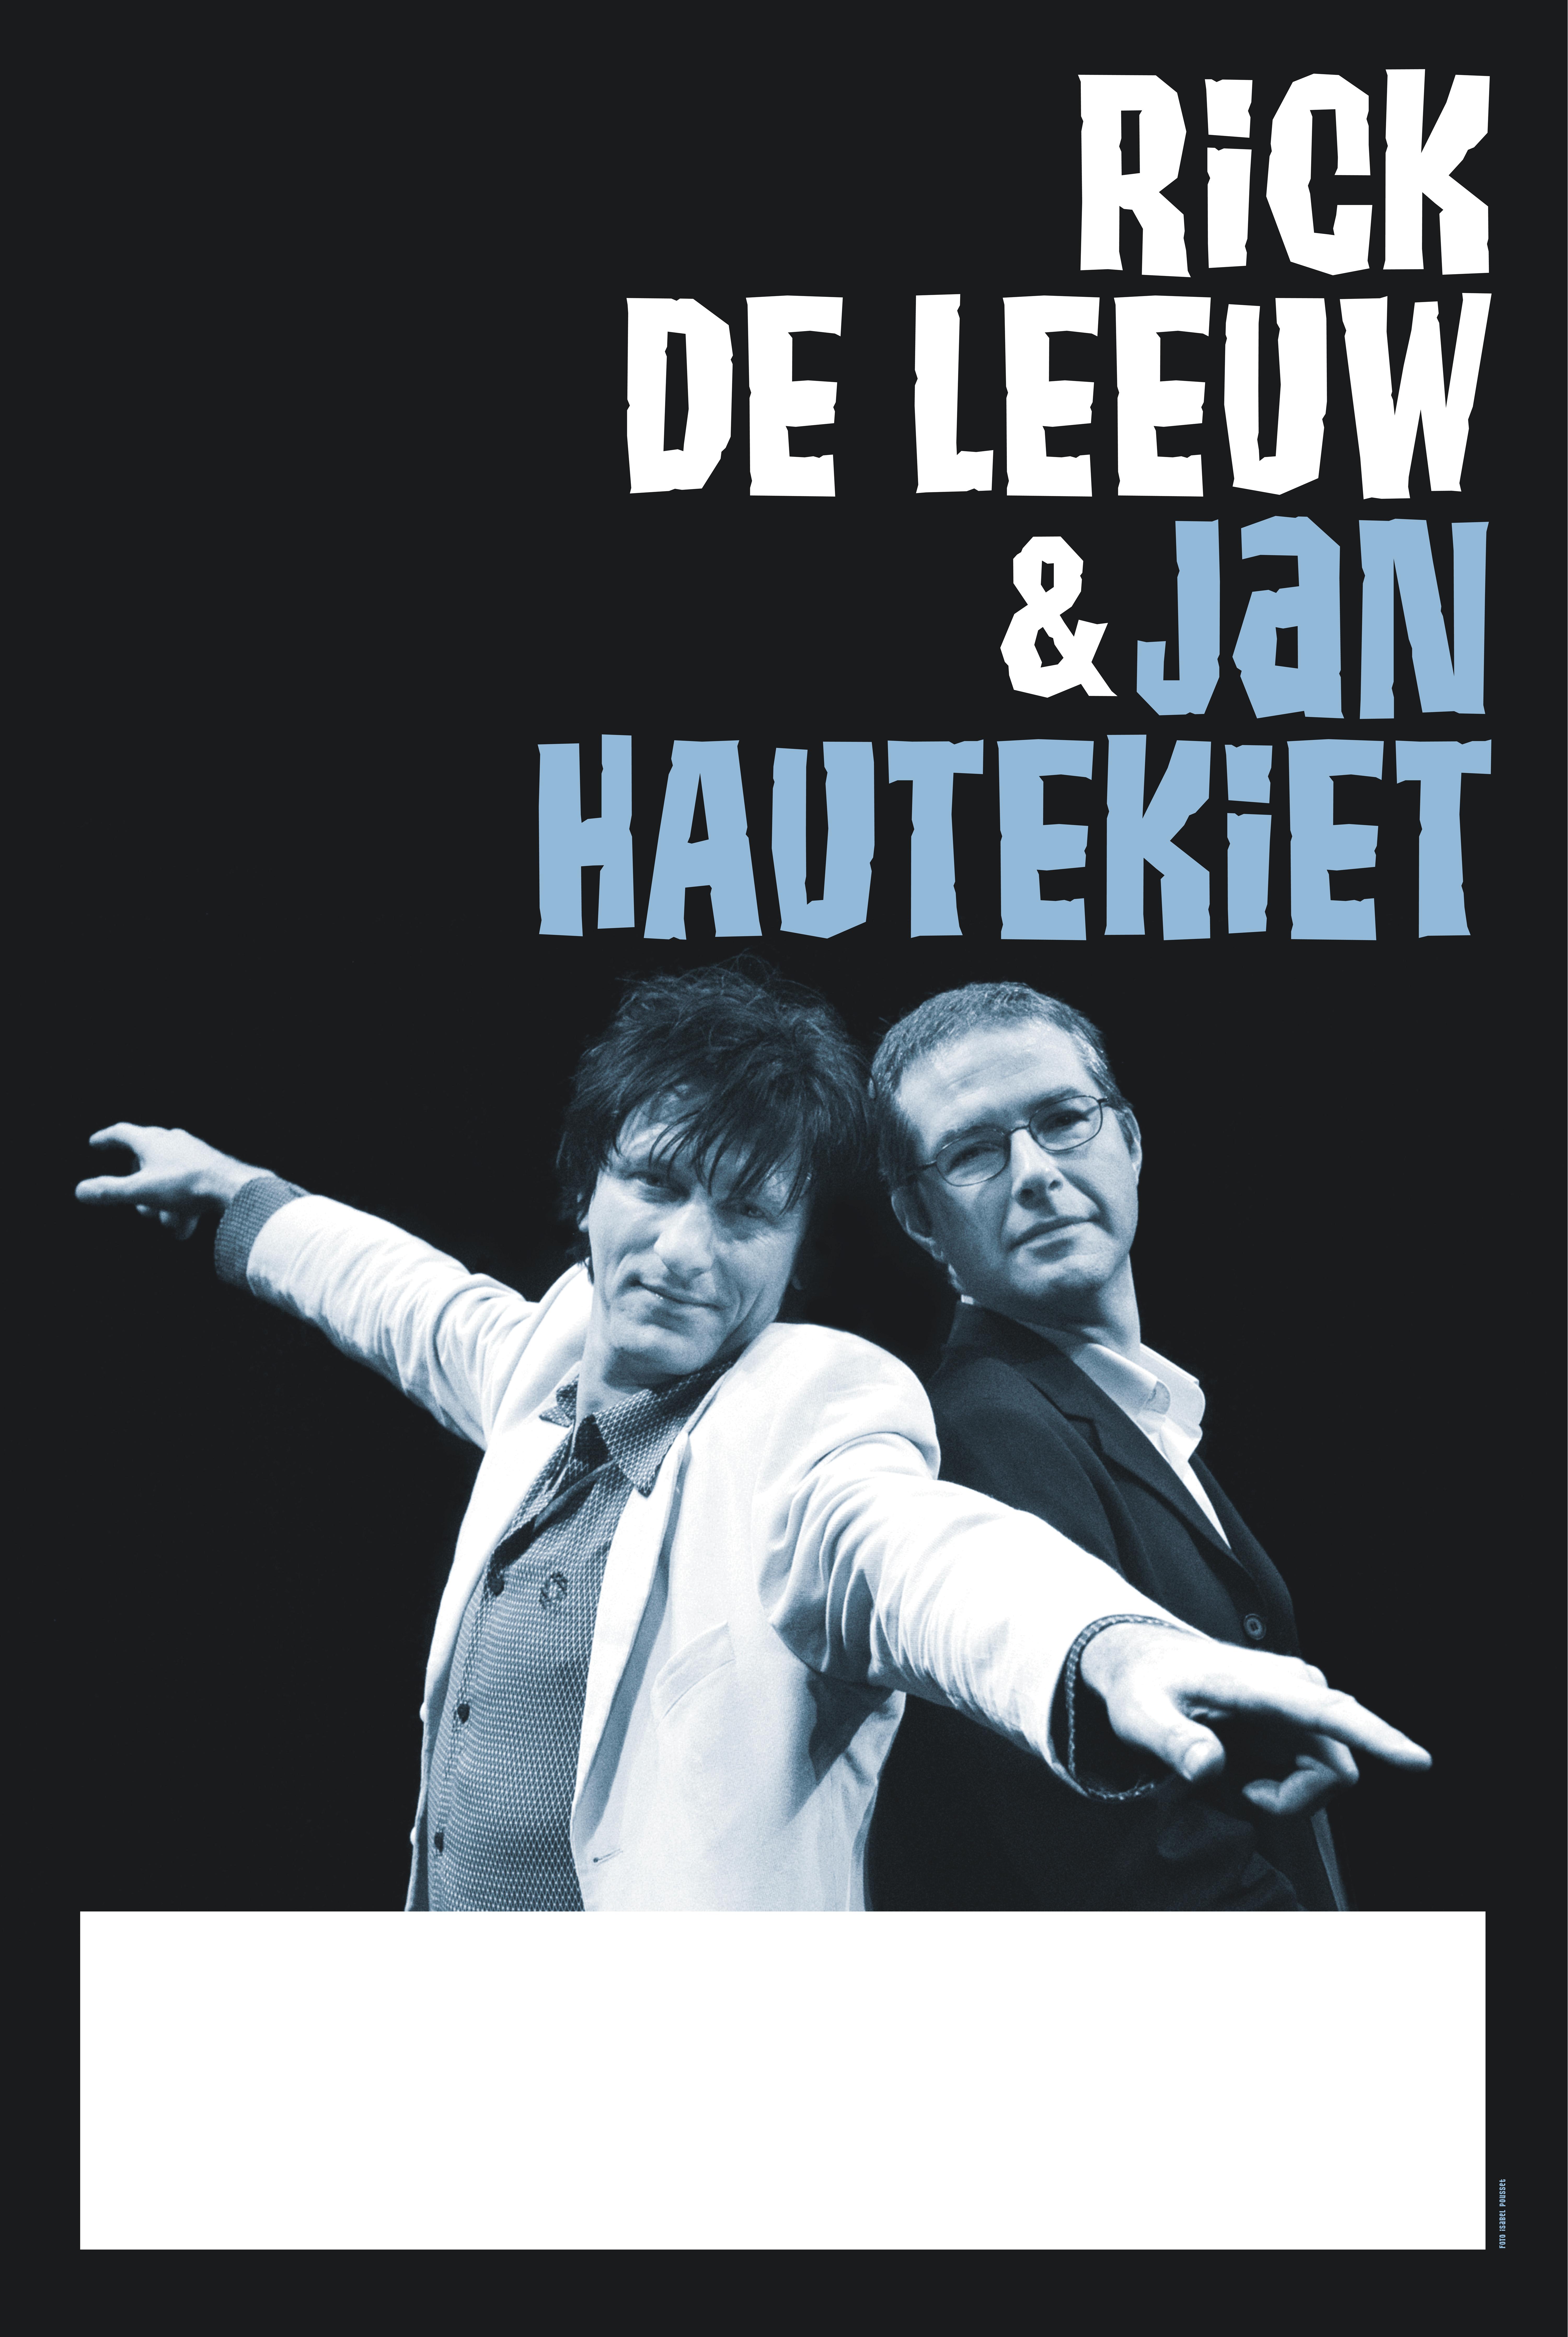 De Leeuw & Hautekiet 2003/2005